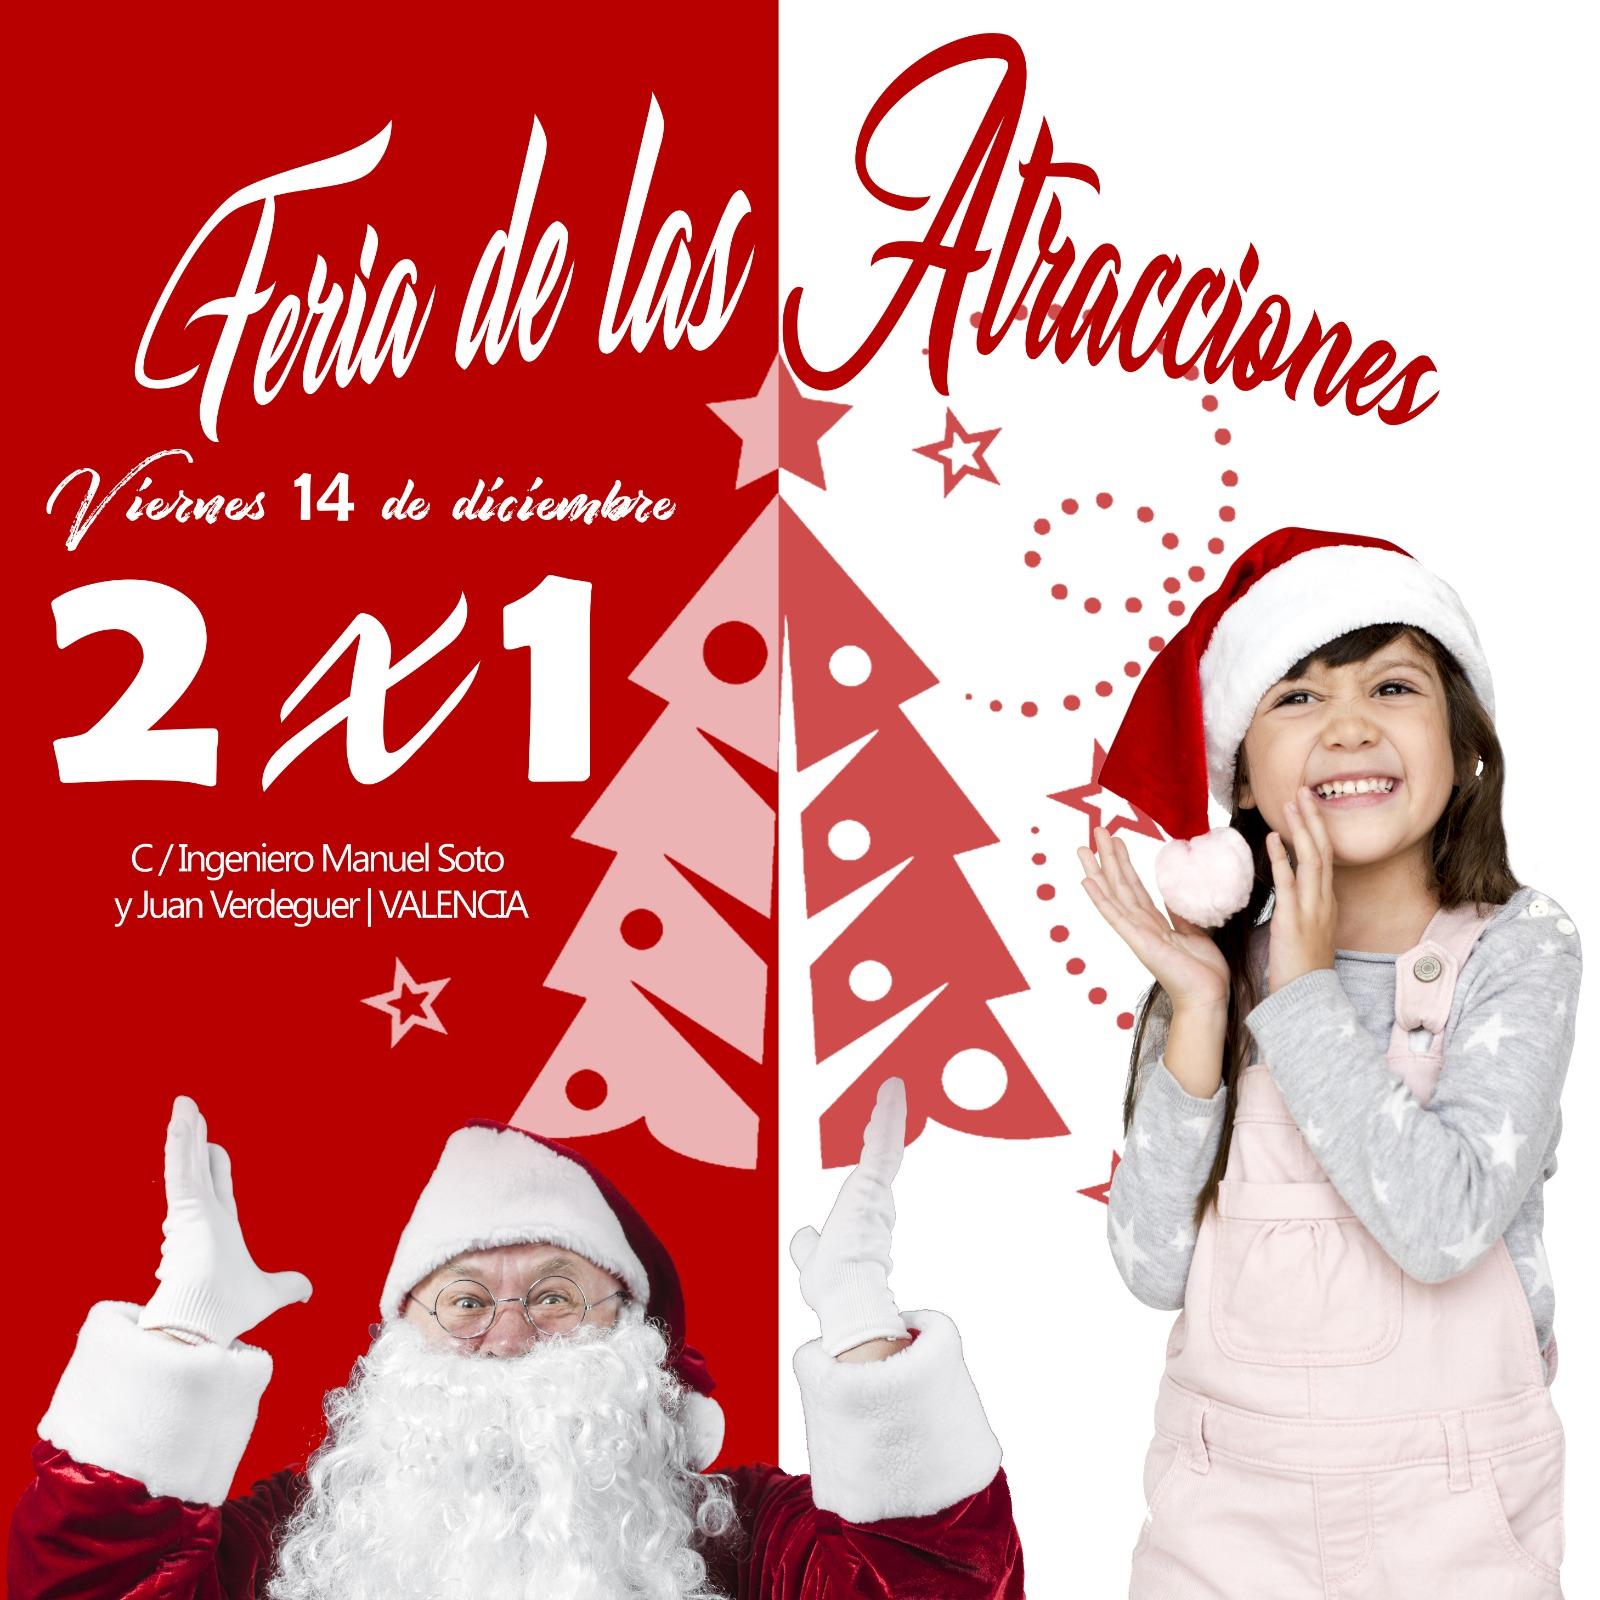 Feria de Navidad en Valencia